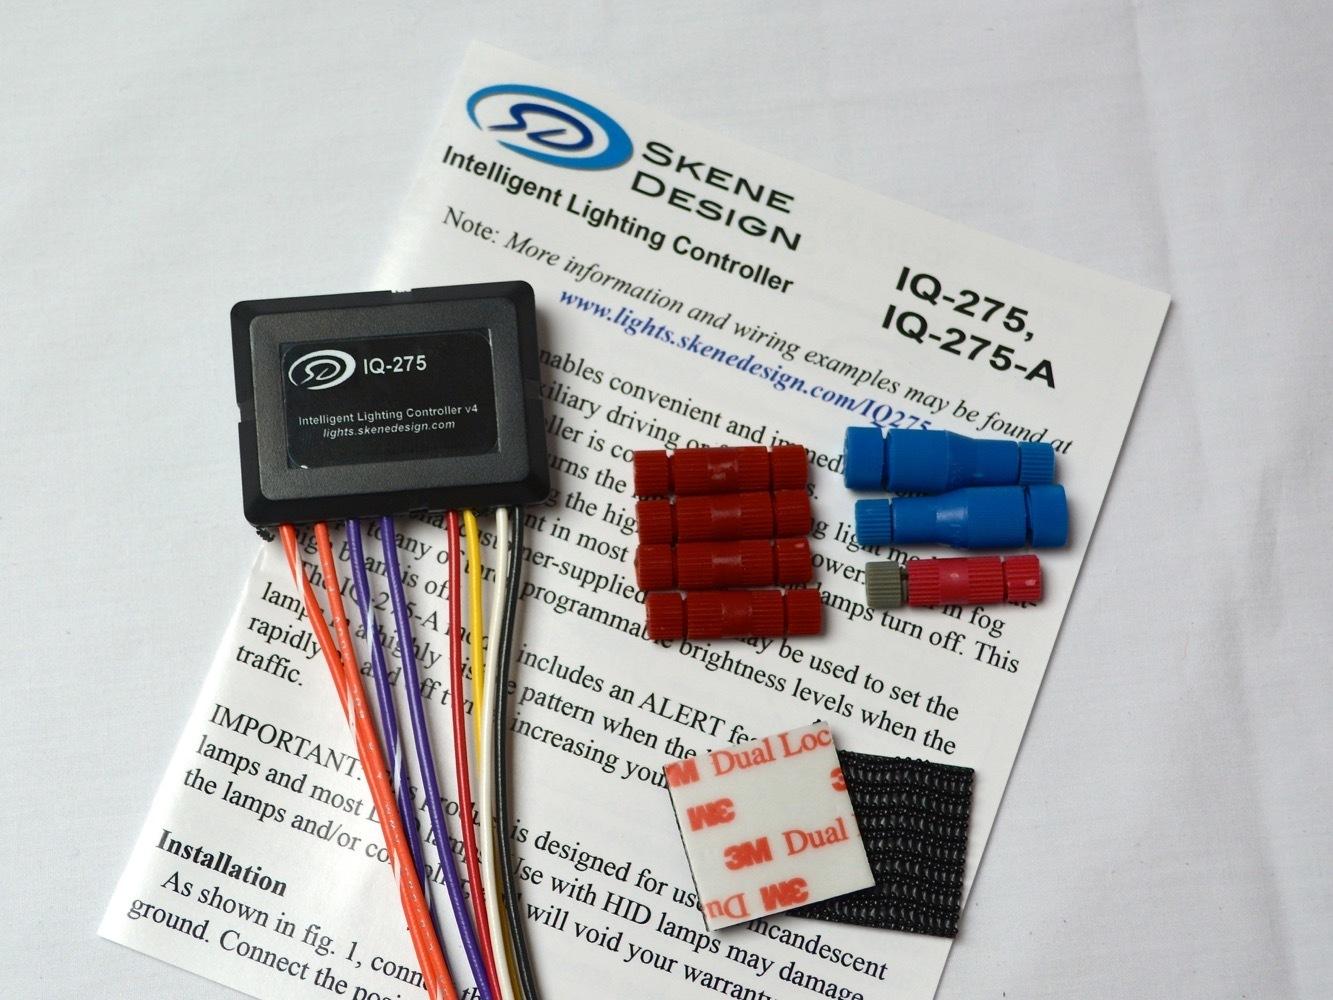 485846346 skene lights online store  at gsmx.co